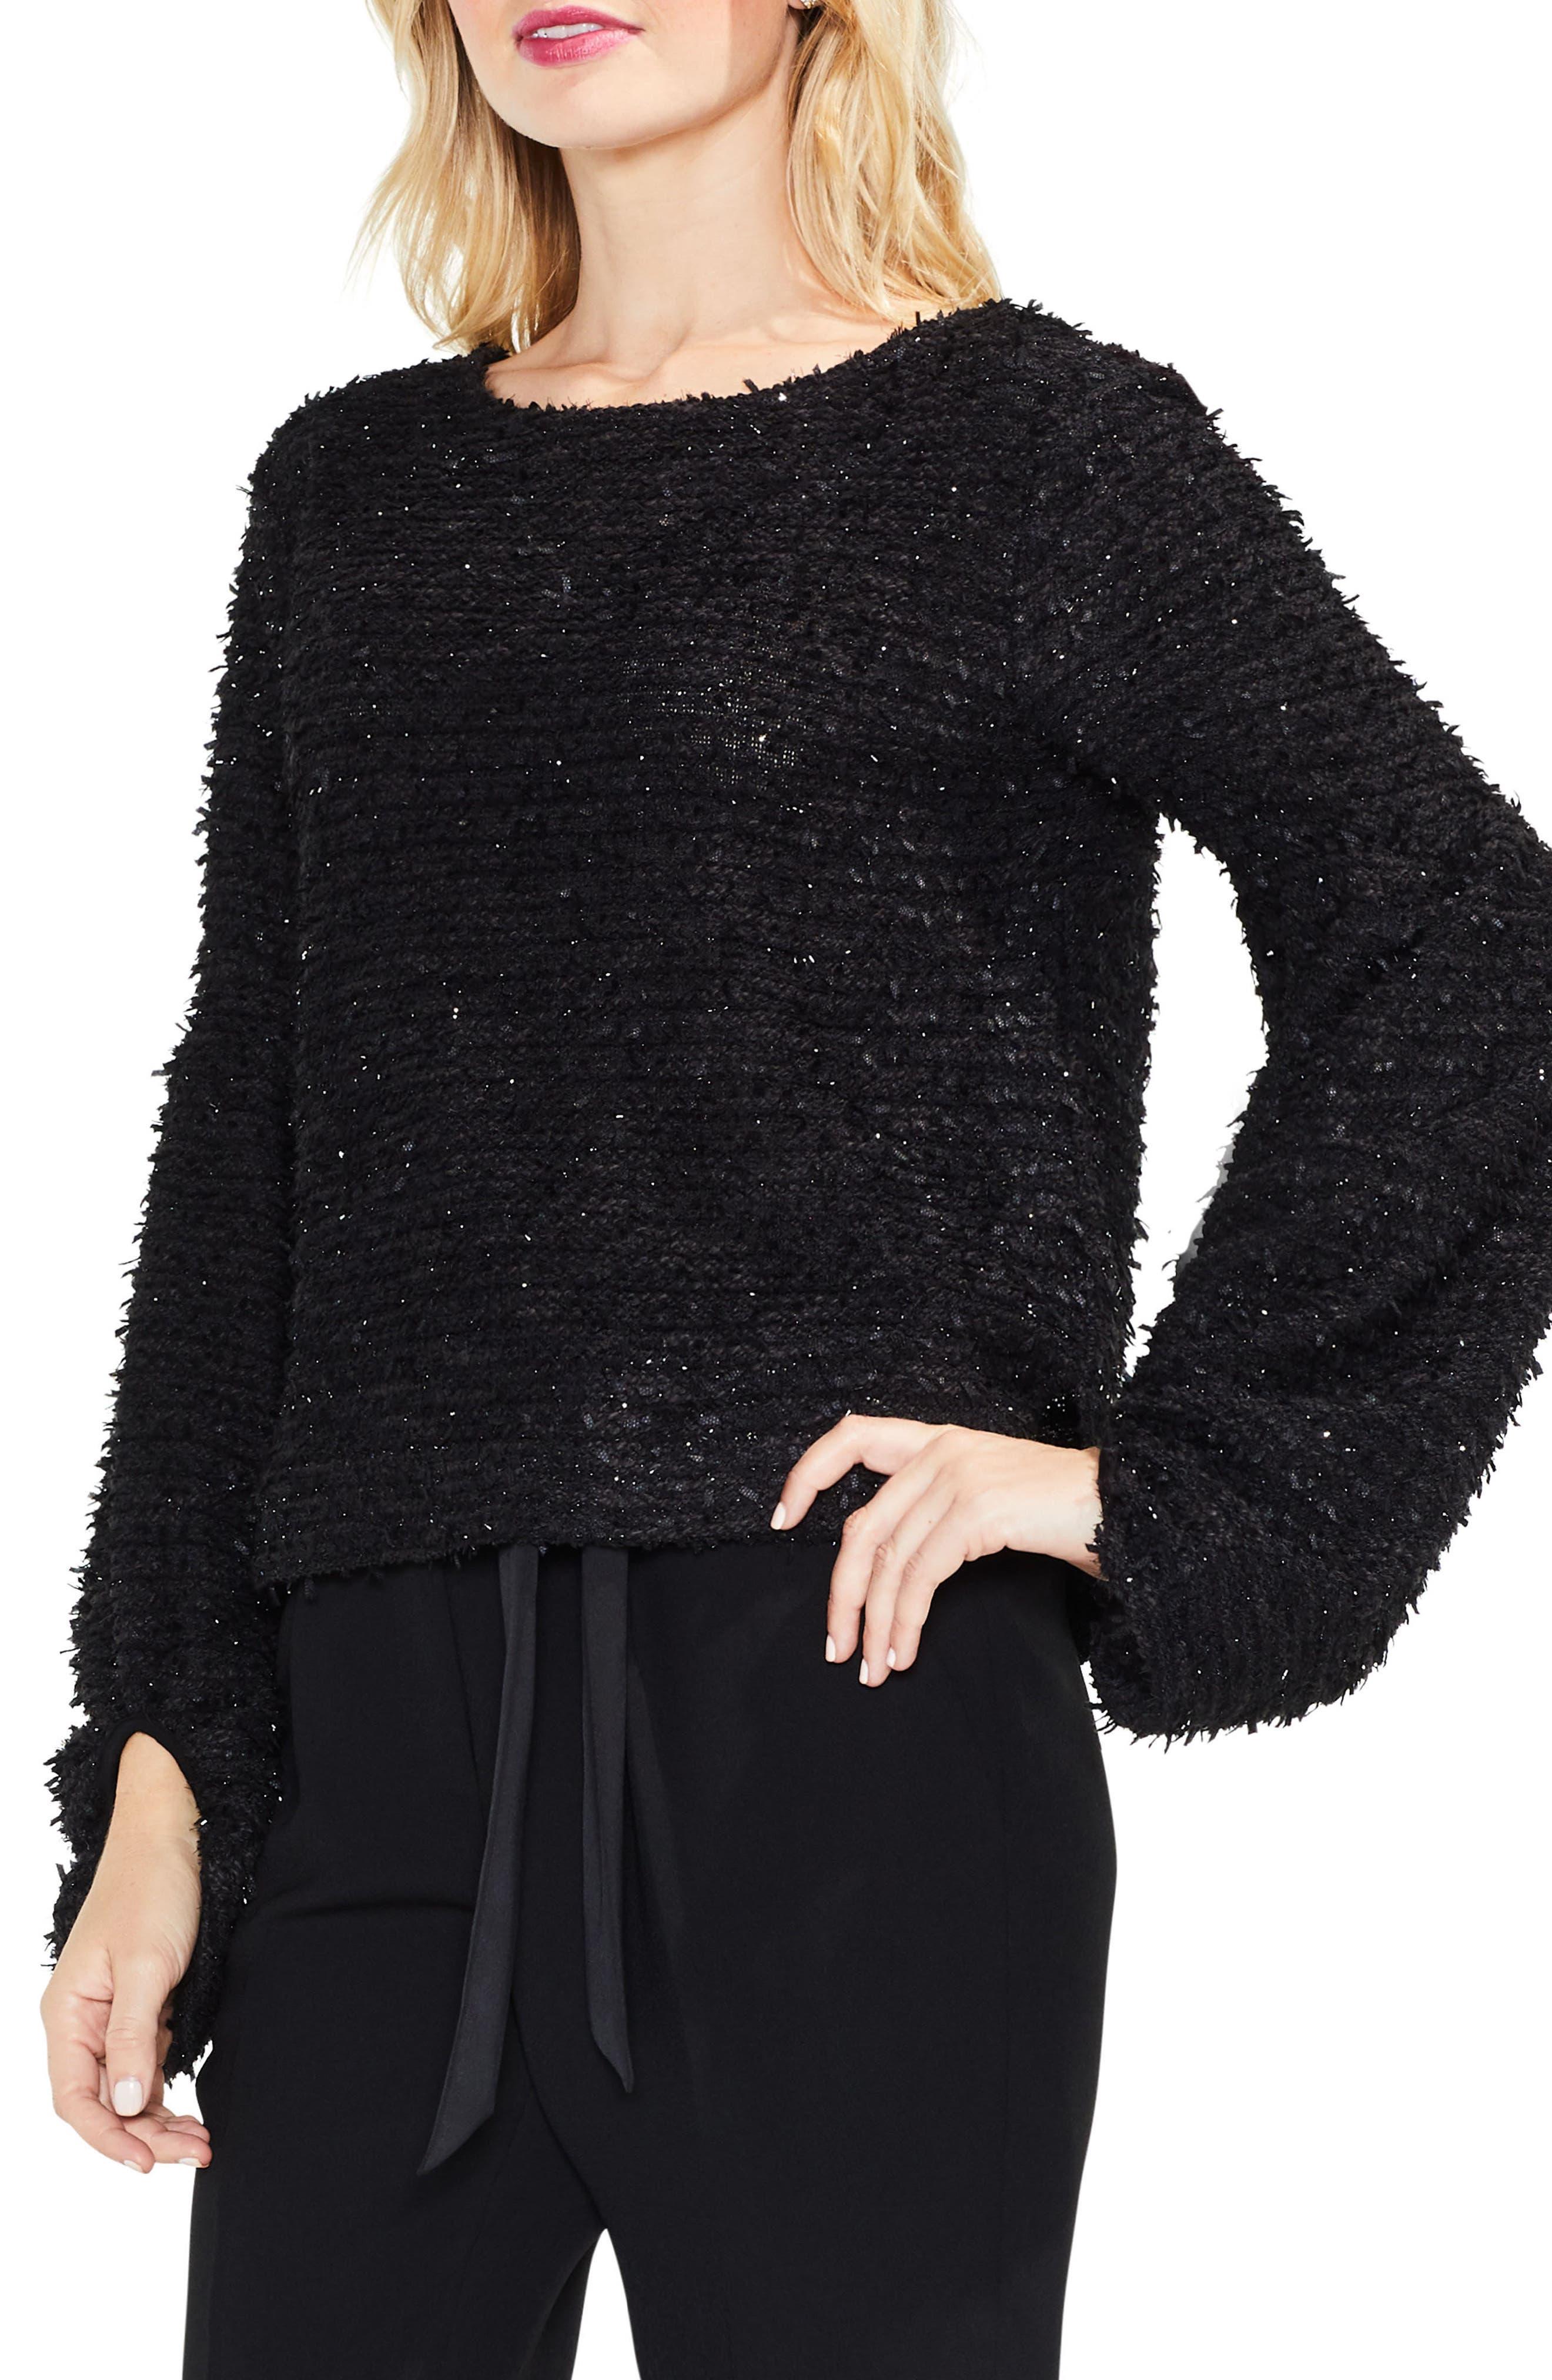 Main Image - Vince Camuto Bubble Sleeve Eyelash Knit Sweater